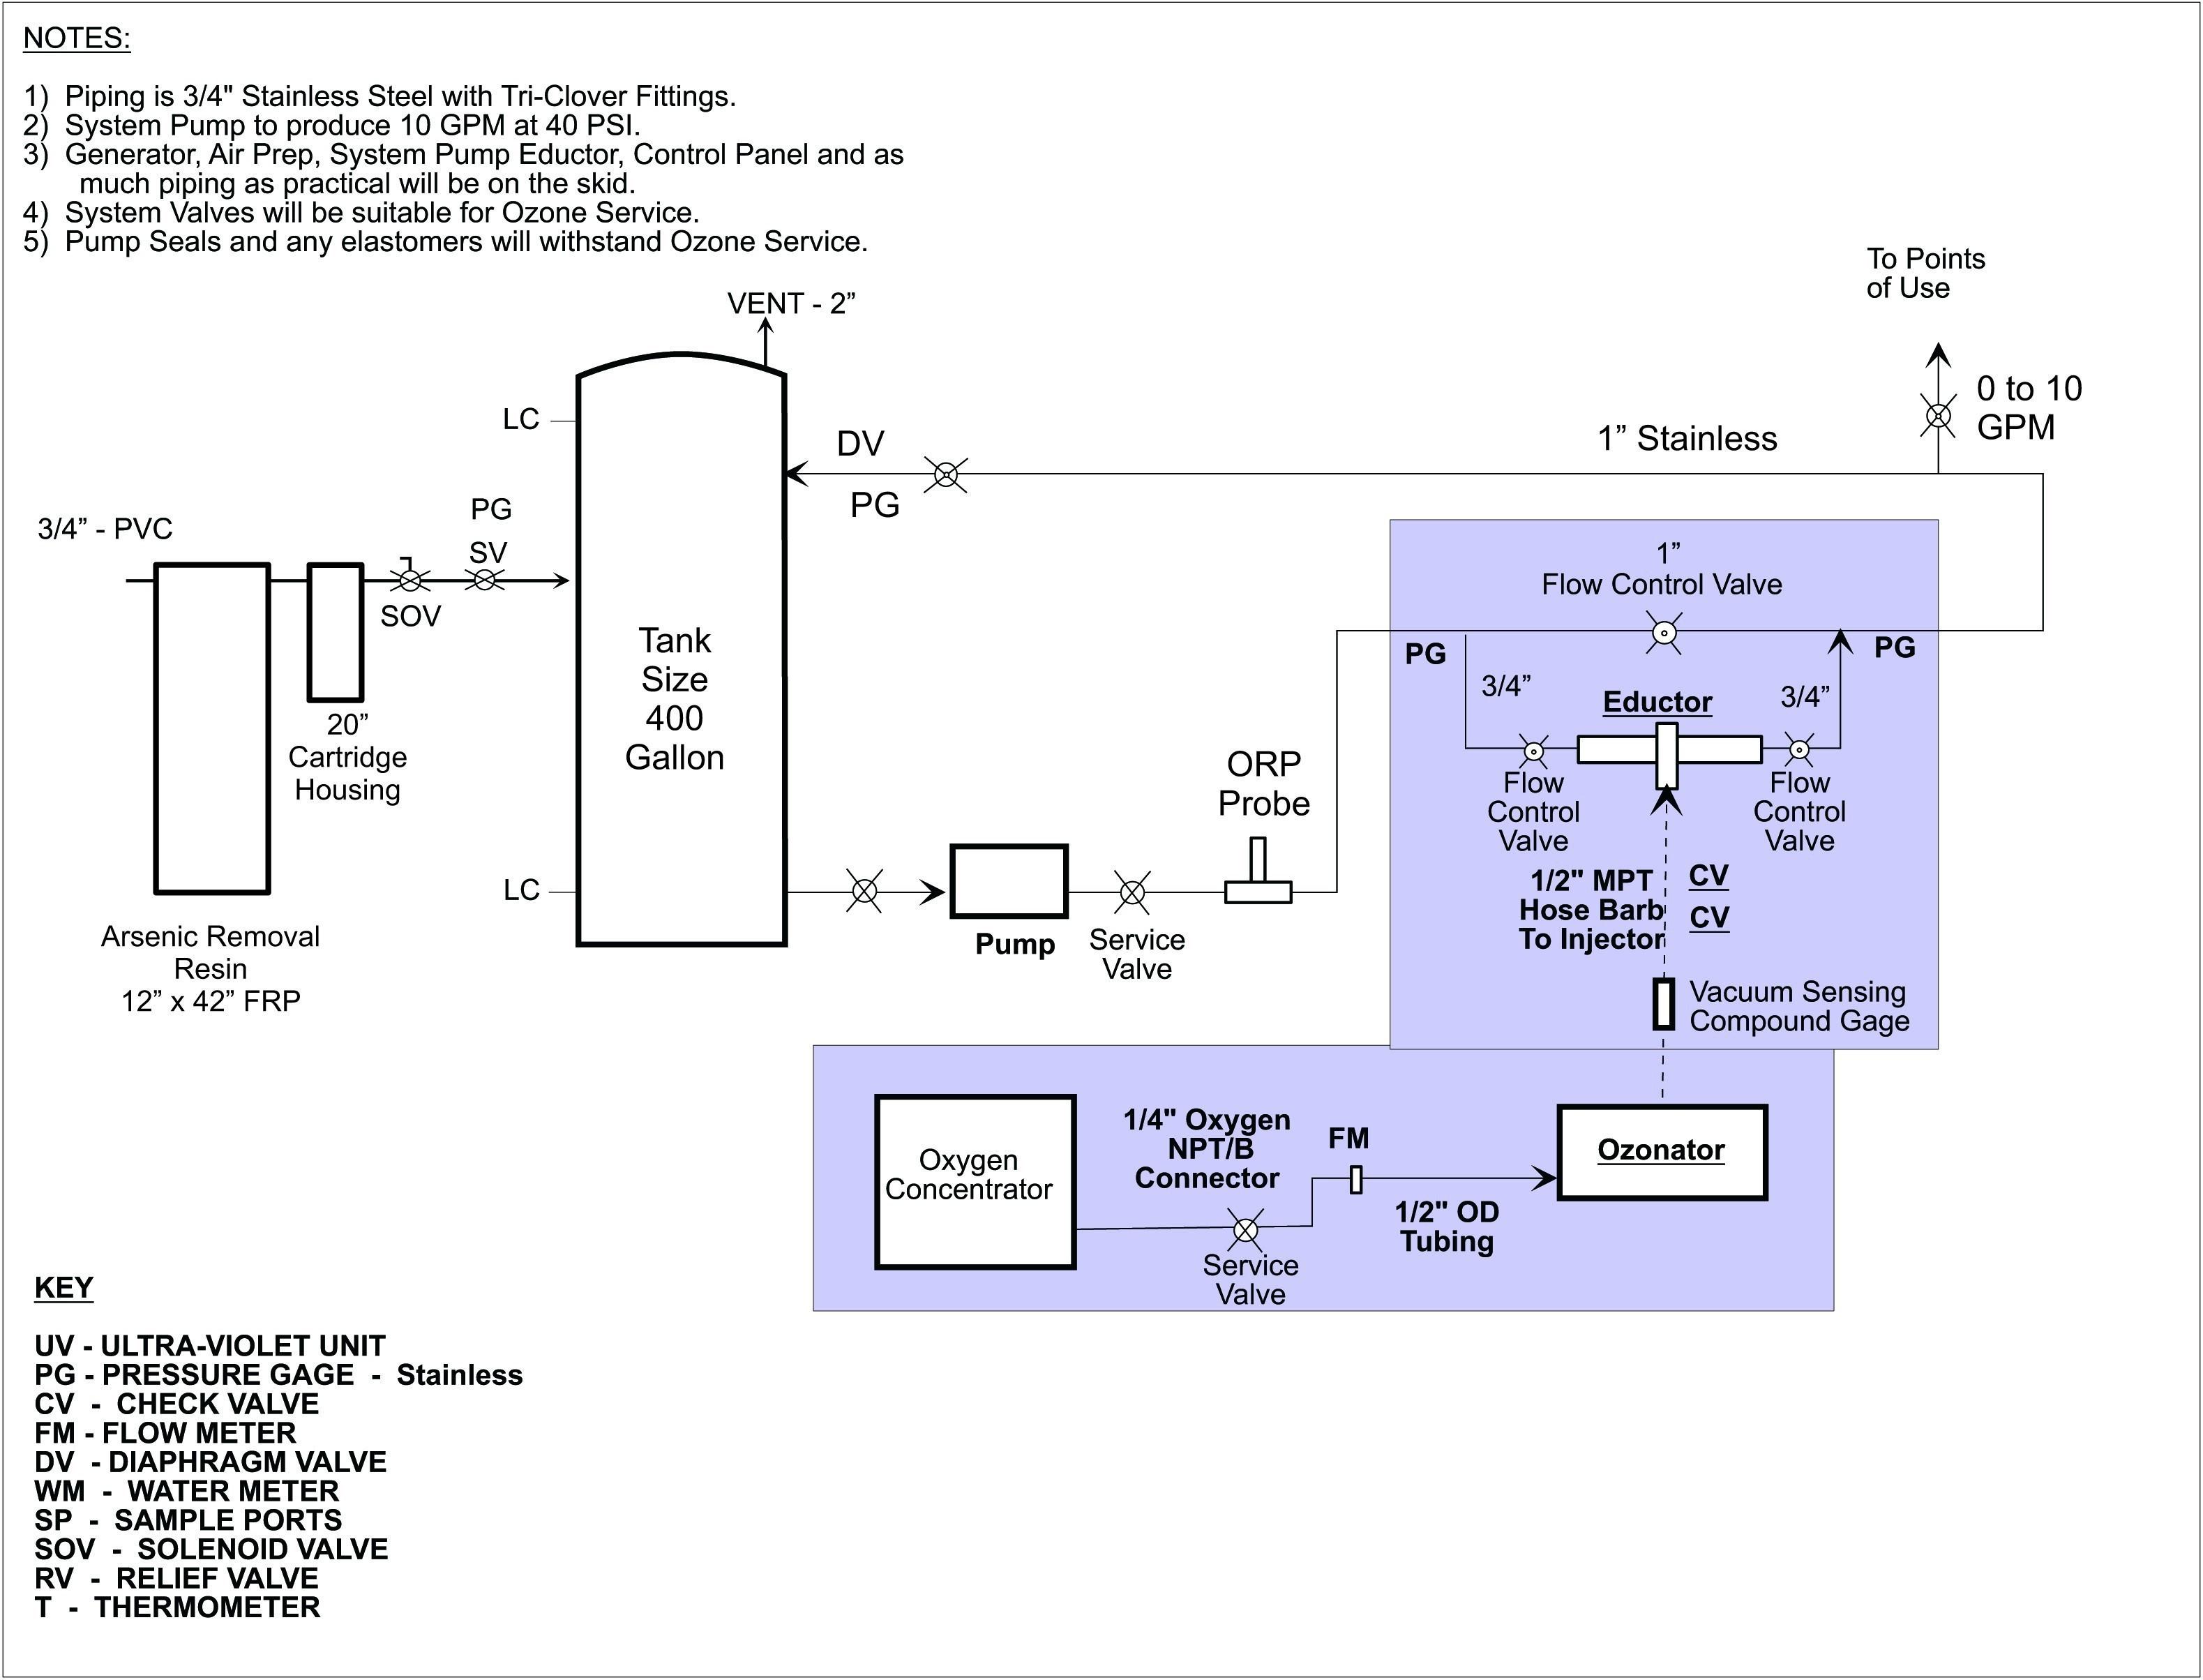 Air Brake Diagram for Trucks 4 Guys Fire Truck Wiring Diagram Wiring Diagram Dat Of Air Brake Diagram for Trucks